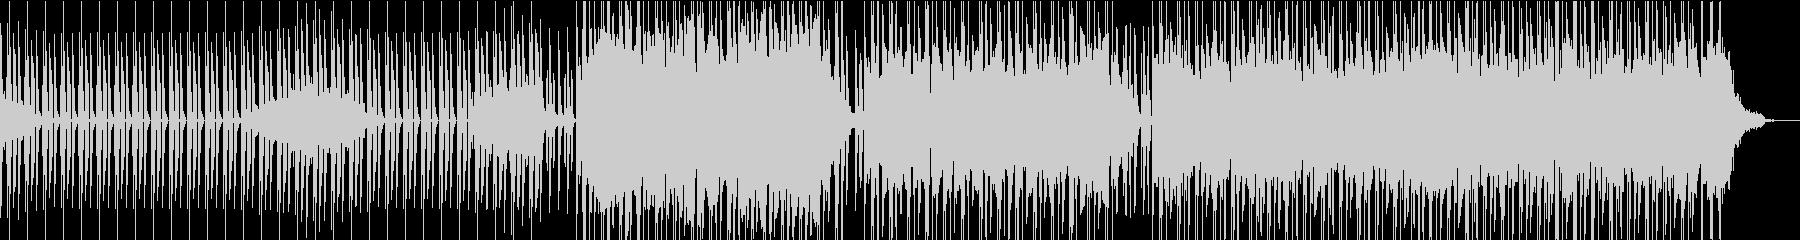 無機質なプログレッシブハウスの未再生の波形